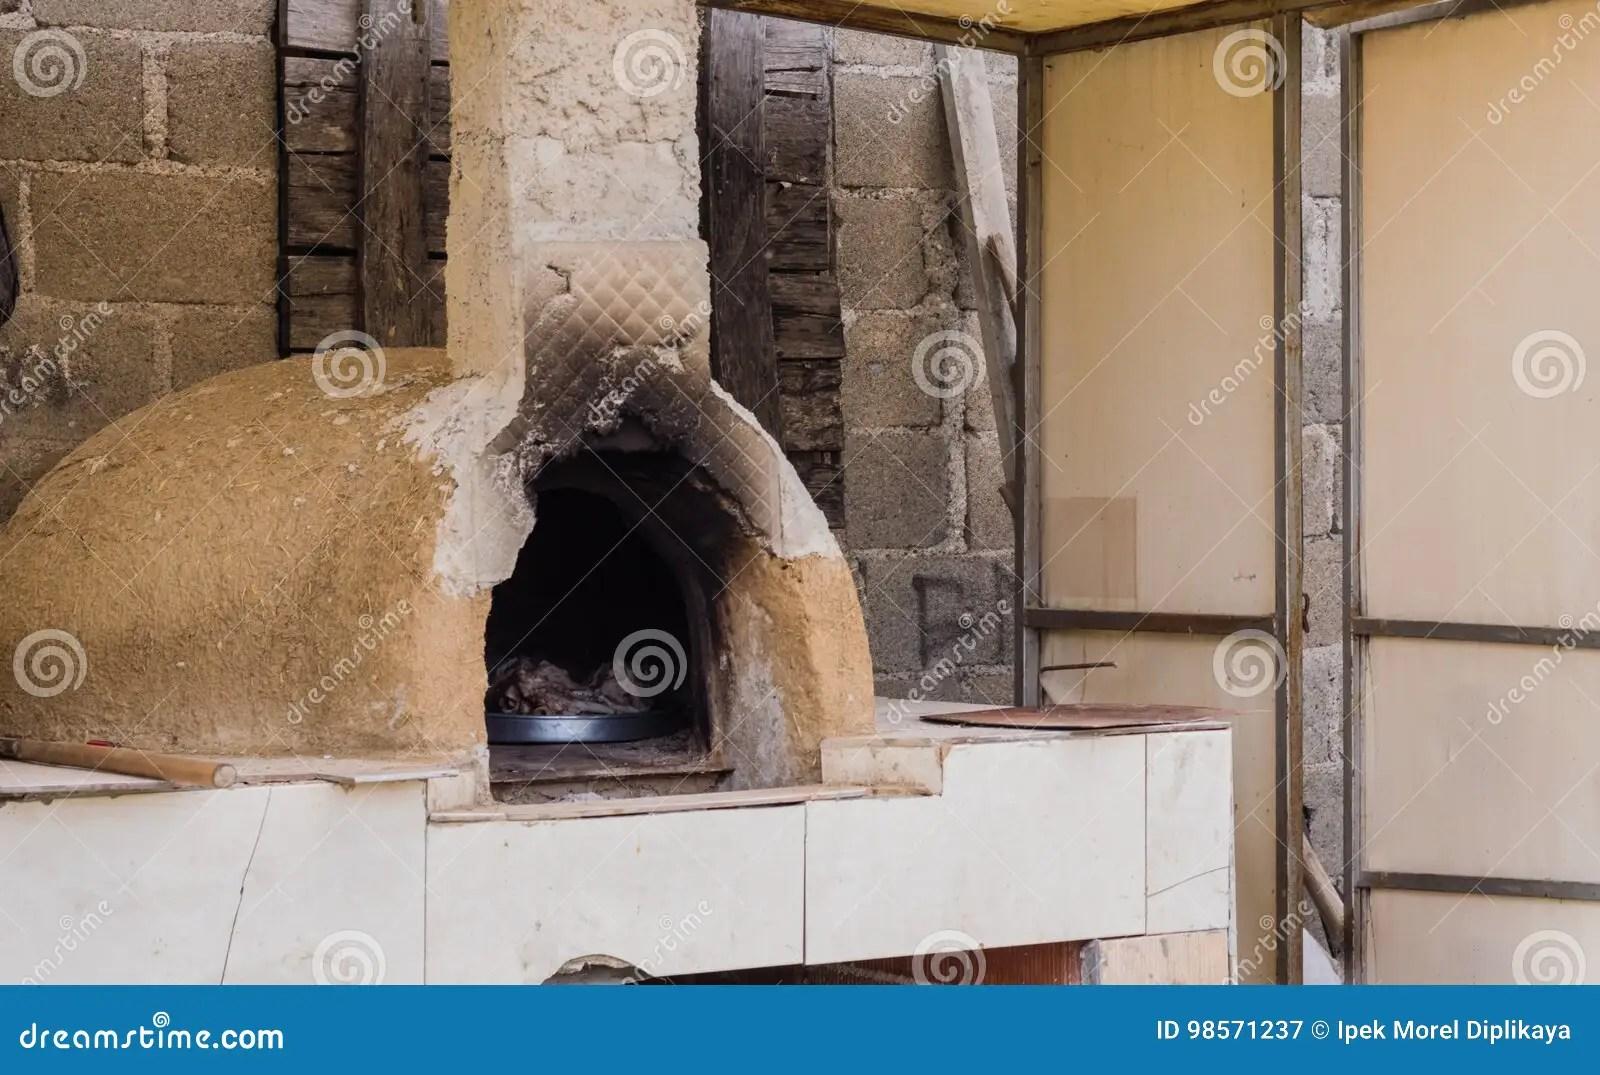 sears kitchen amish island 室外黏土烤箱在屋顶下在传统村庄房子 埃斯基谢希尔 土耳其里库存图片 室外黏土烤箱在屋顶下在一个传统村庄房子里 土耳其